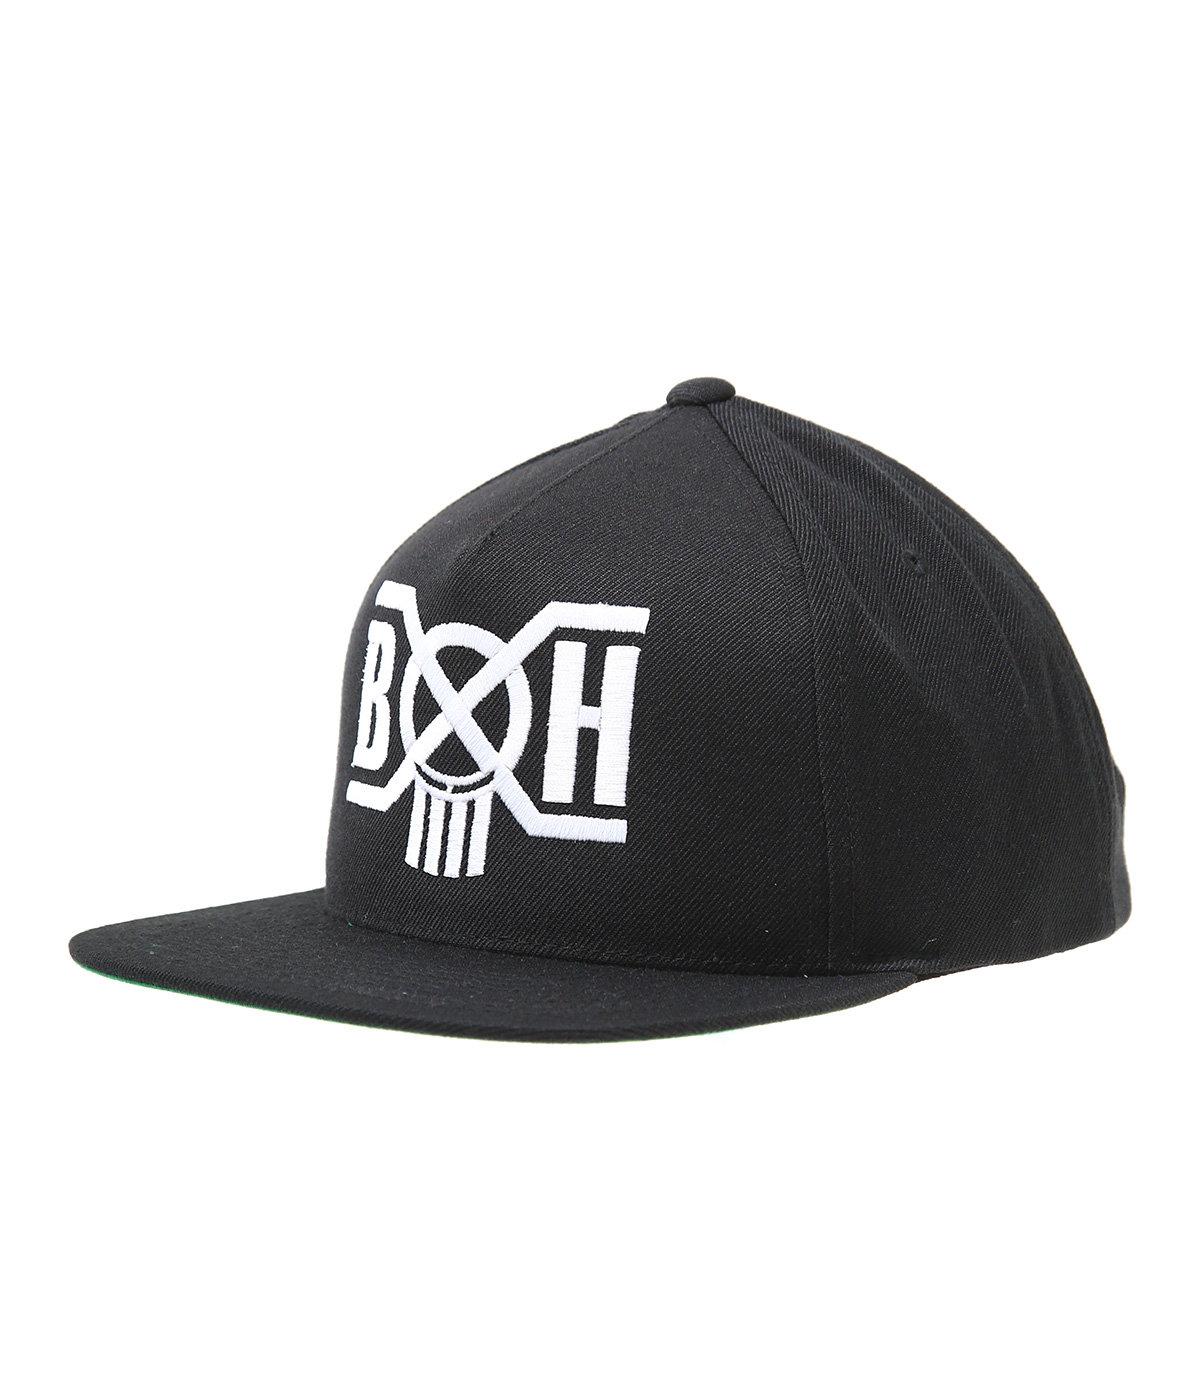 BxH Logo Snap Back Cap